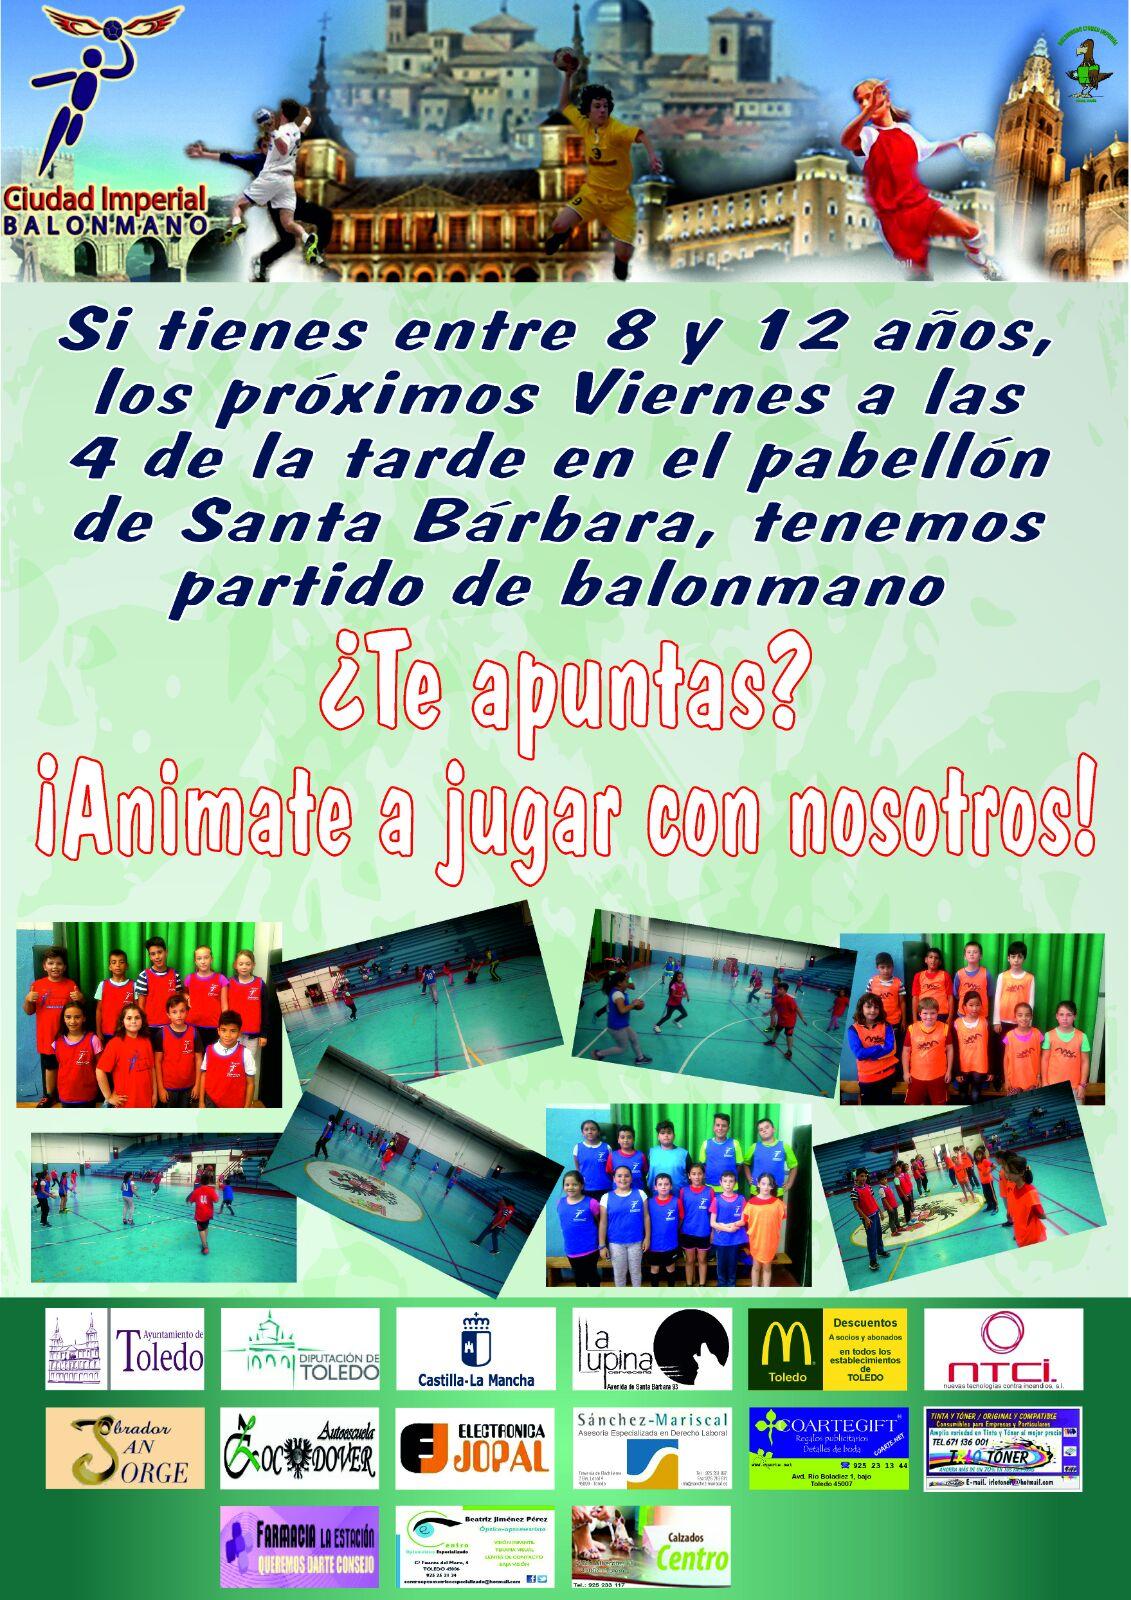 El club de balonmano Ciudad Imperial de Toledo busca nuevos talentos ...